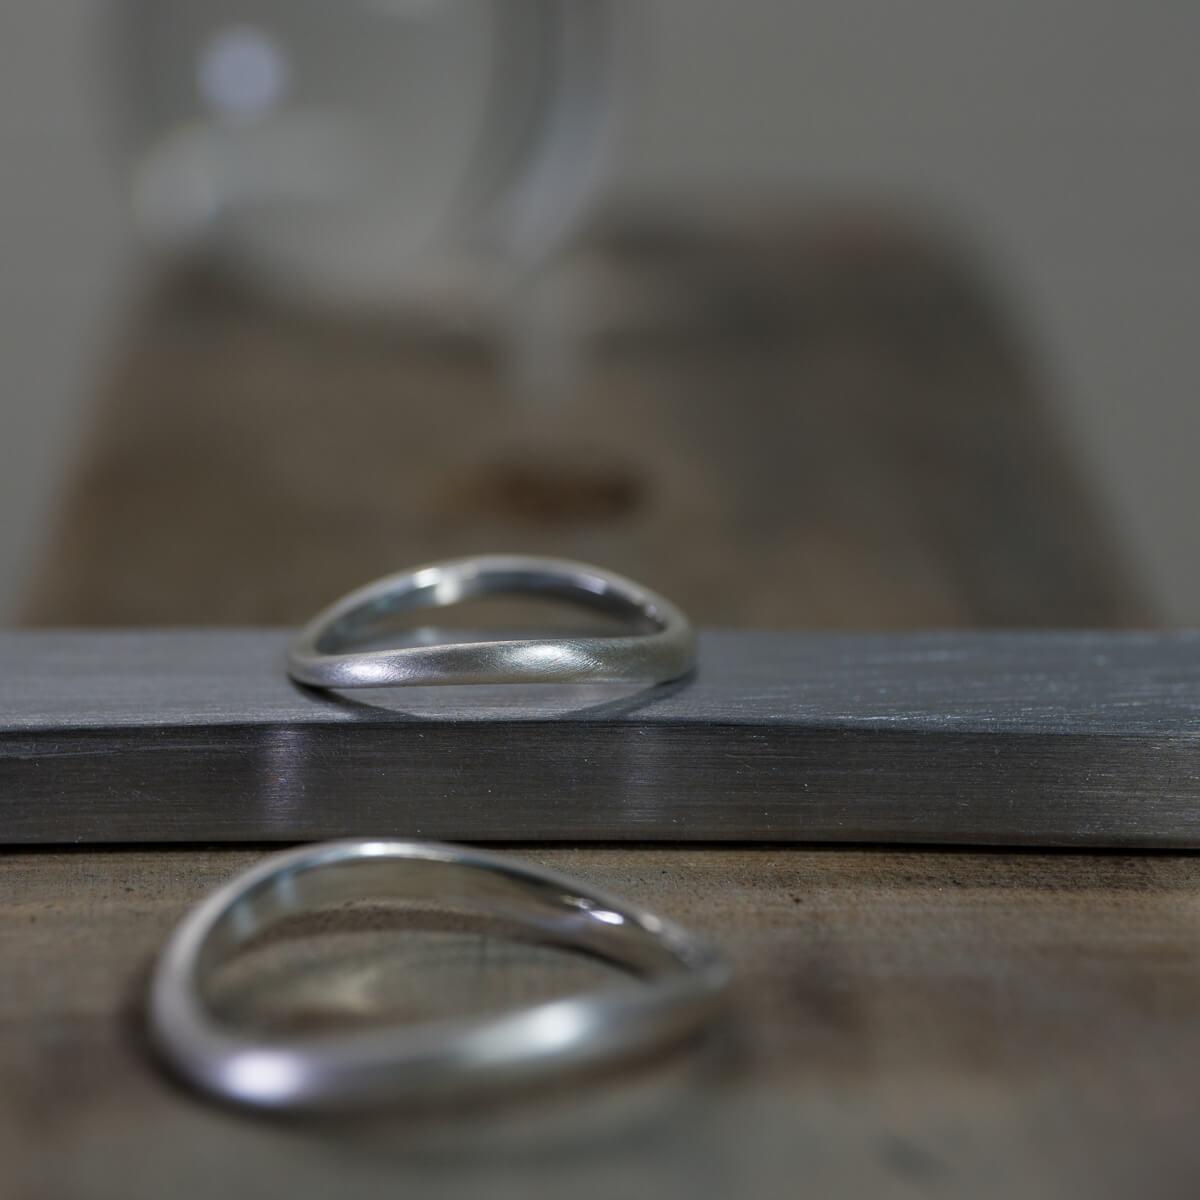 場面2 オーダーメイドマリッジリングのサンプル ジュエリーのアトリエ シルバー 屋久島でつくる結婚指輪